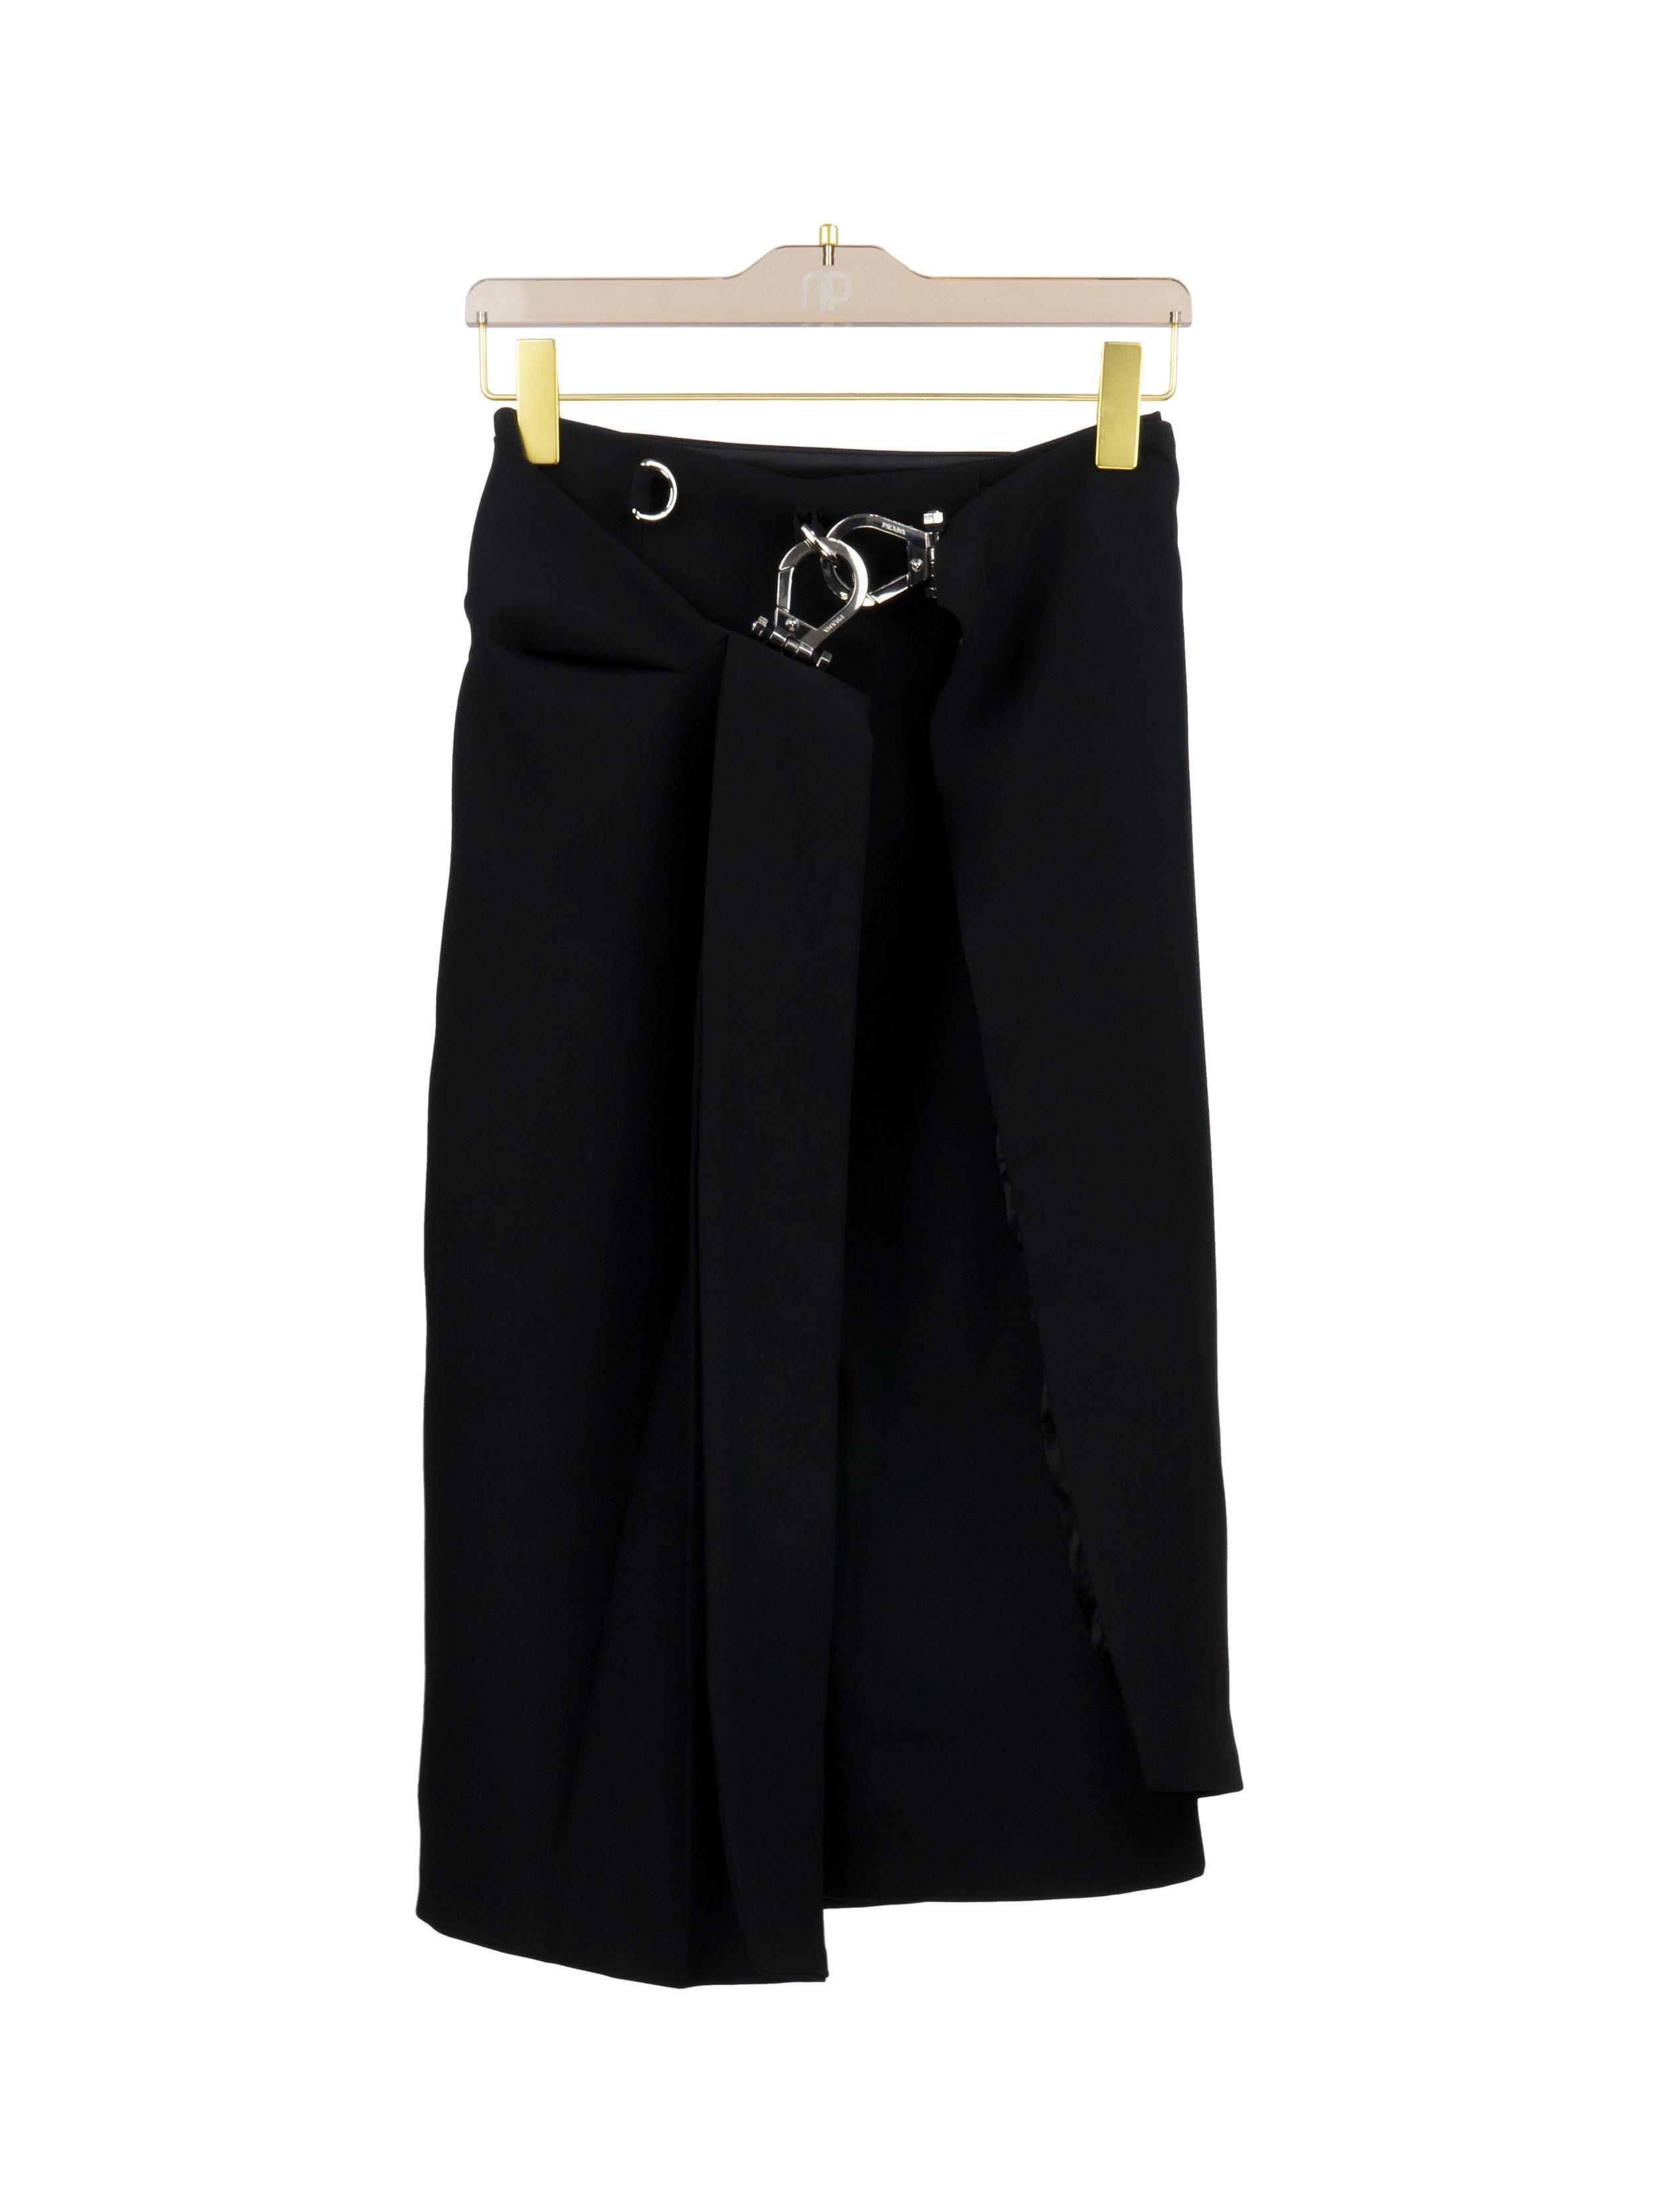 Chân váy 2 lớp khóa kim loại